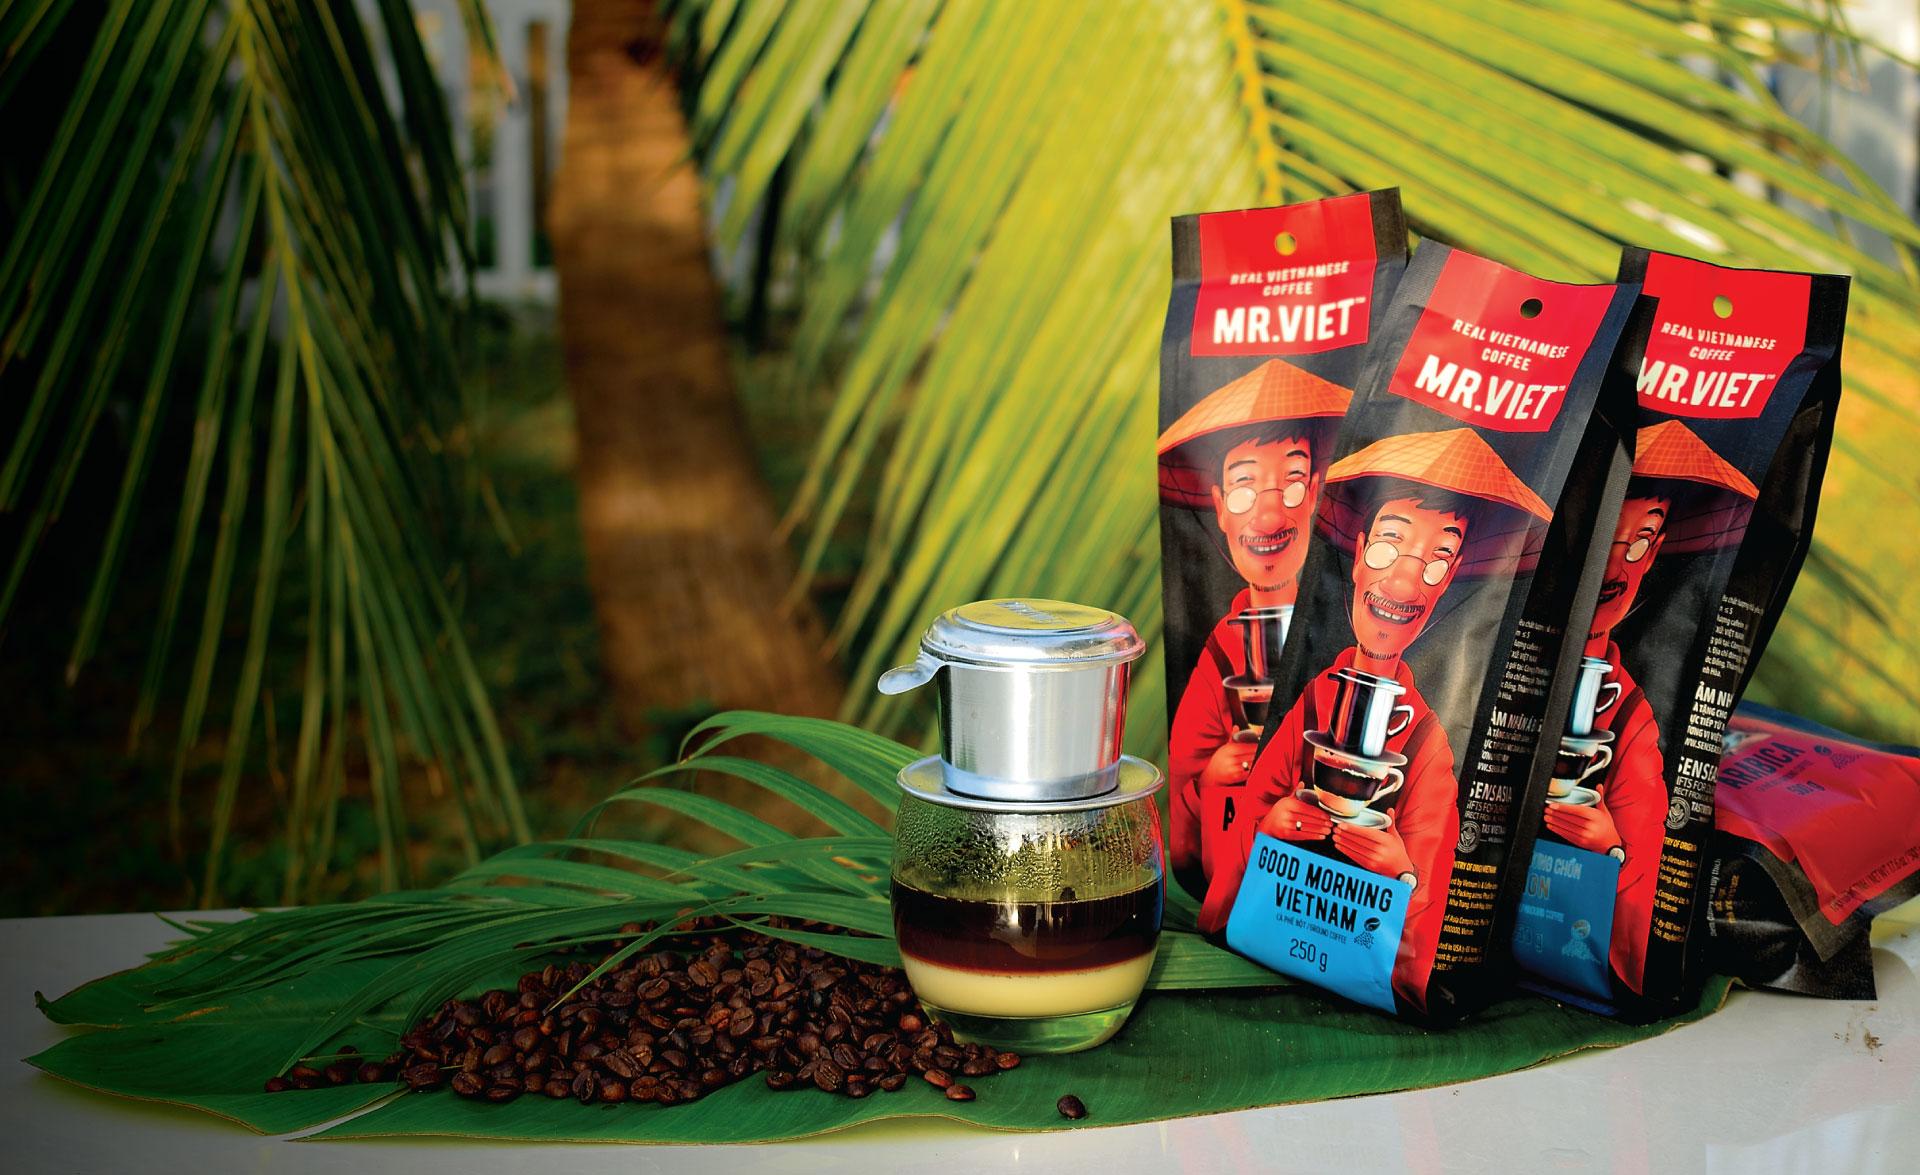 Популярные сорта кофе во Вьетнаме